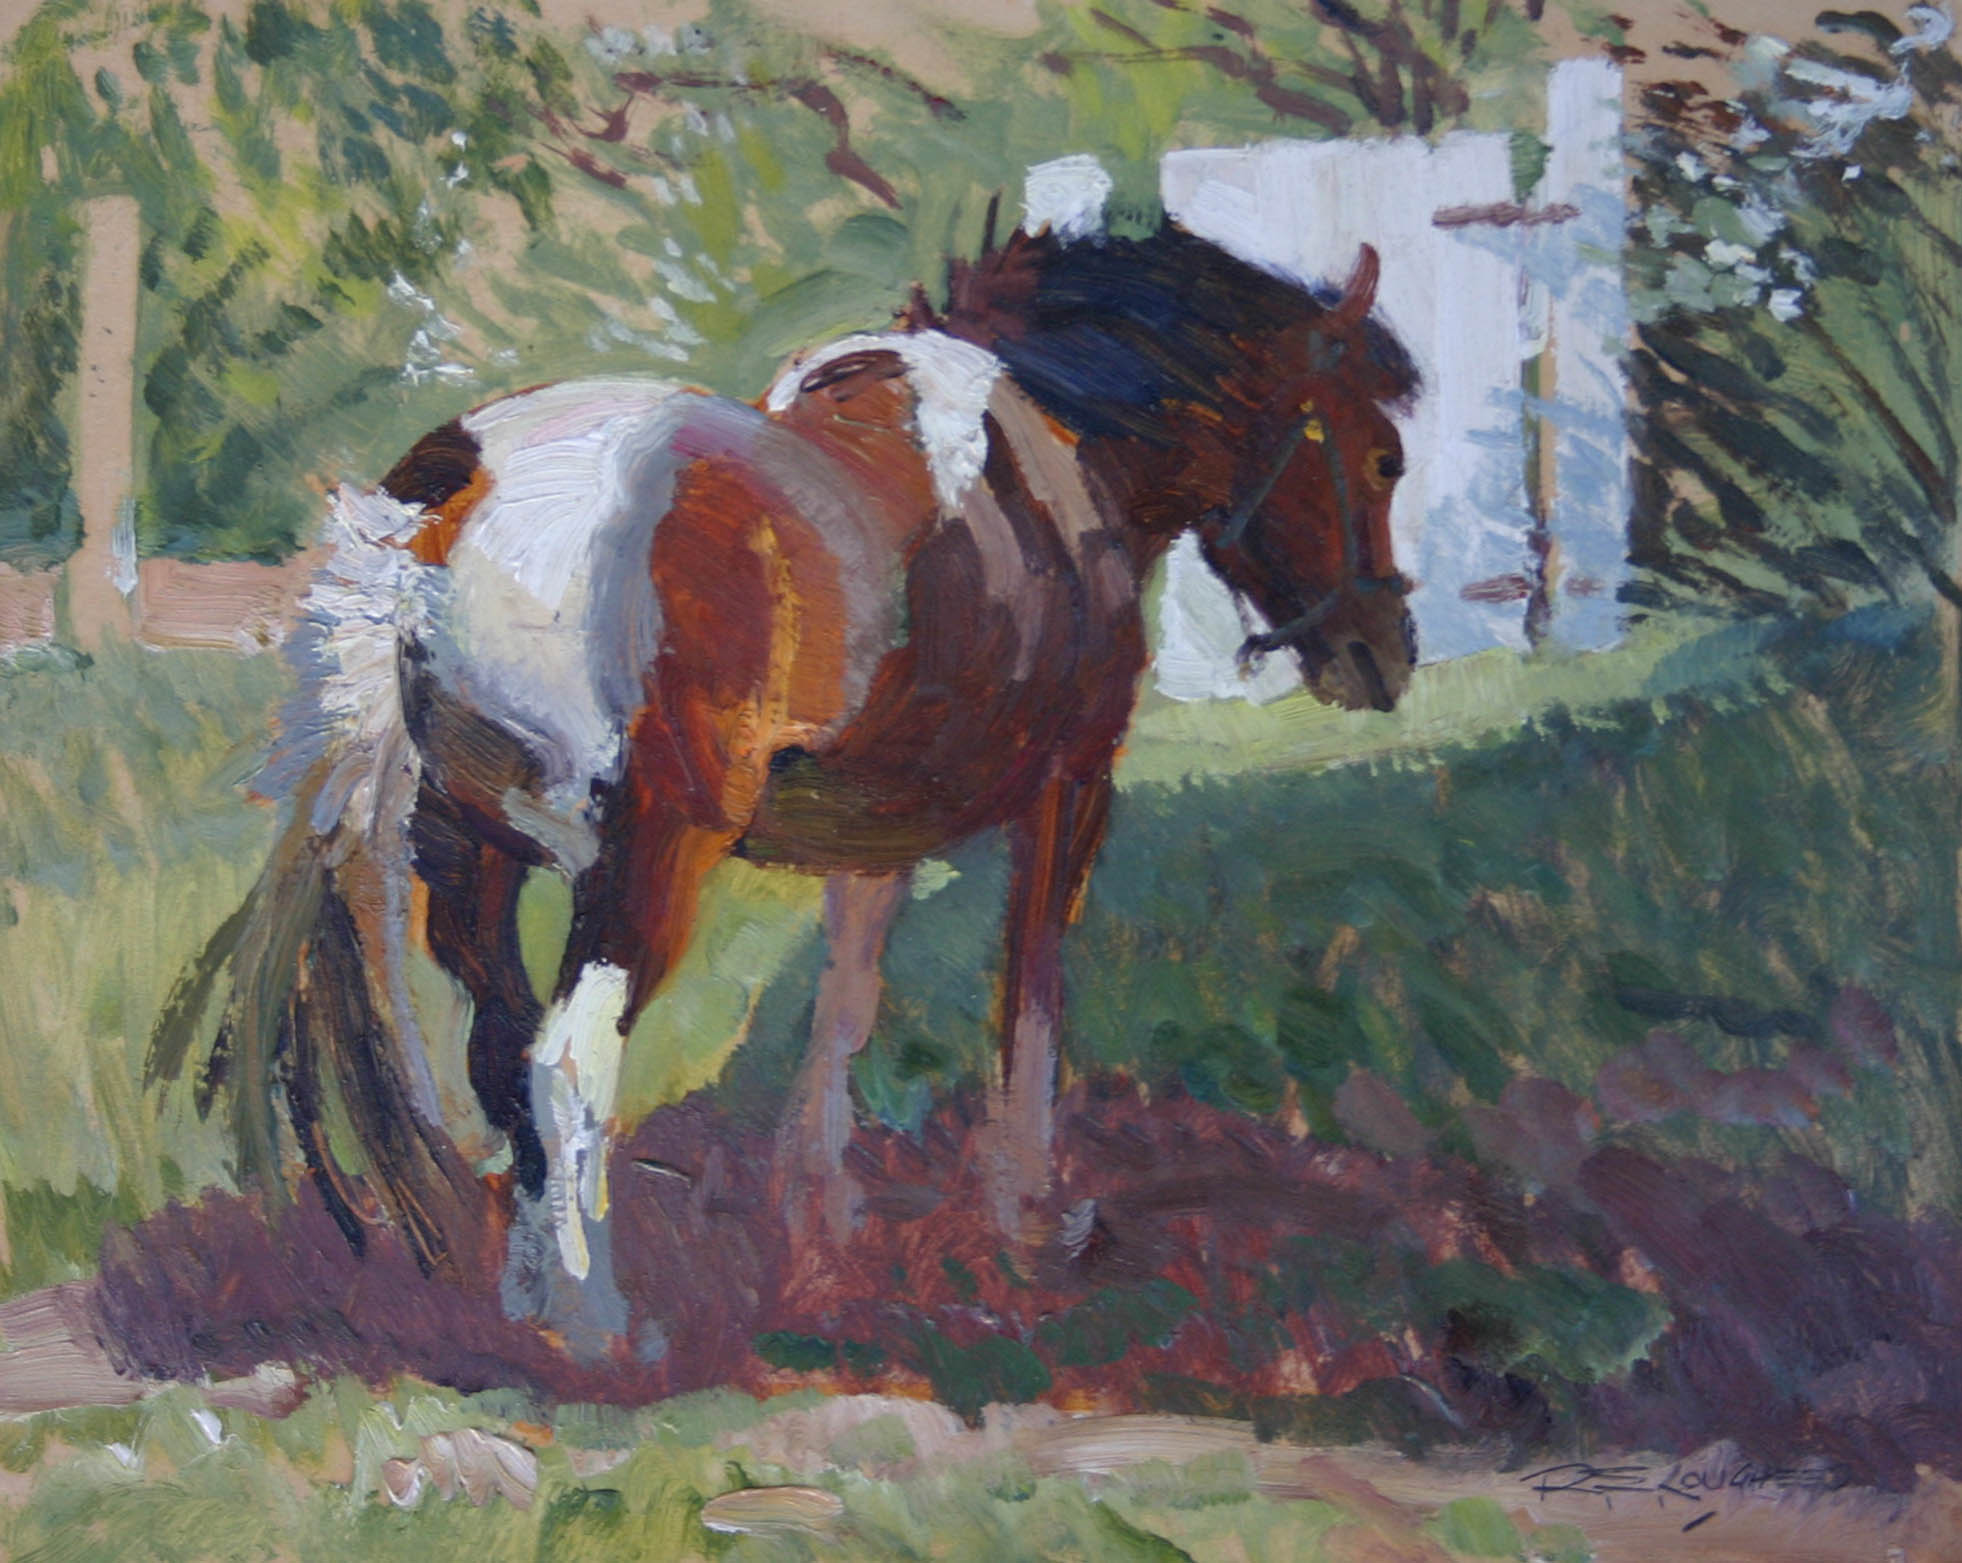 Tony the Shetland Pony by  Robert Lougheed - Masterpiece Online